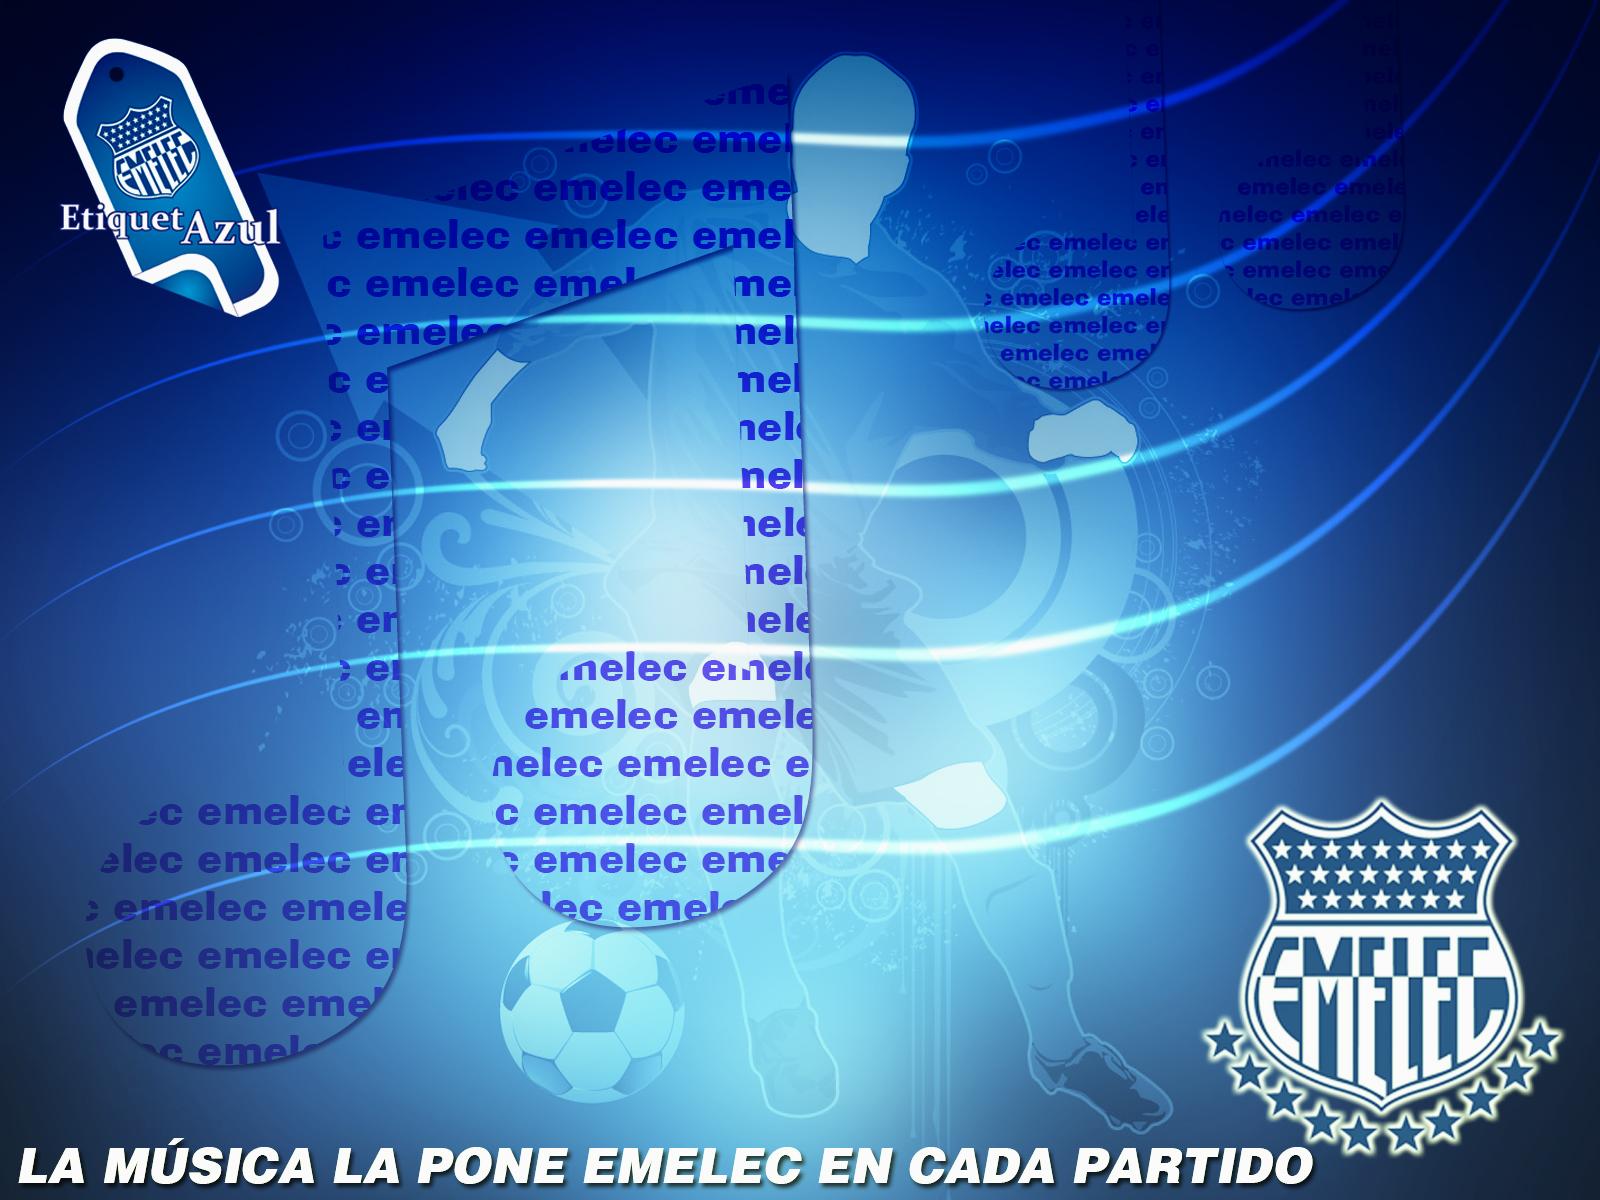 http://4.bp.blogspot.com/_azXJFXYprX4/TNS5fL45J1I/AAAAAAAAACw/xy3UlT-oxc0/s1600/EMELEC+musical.jpg